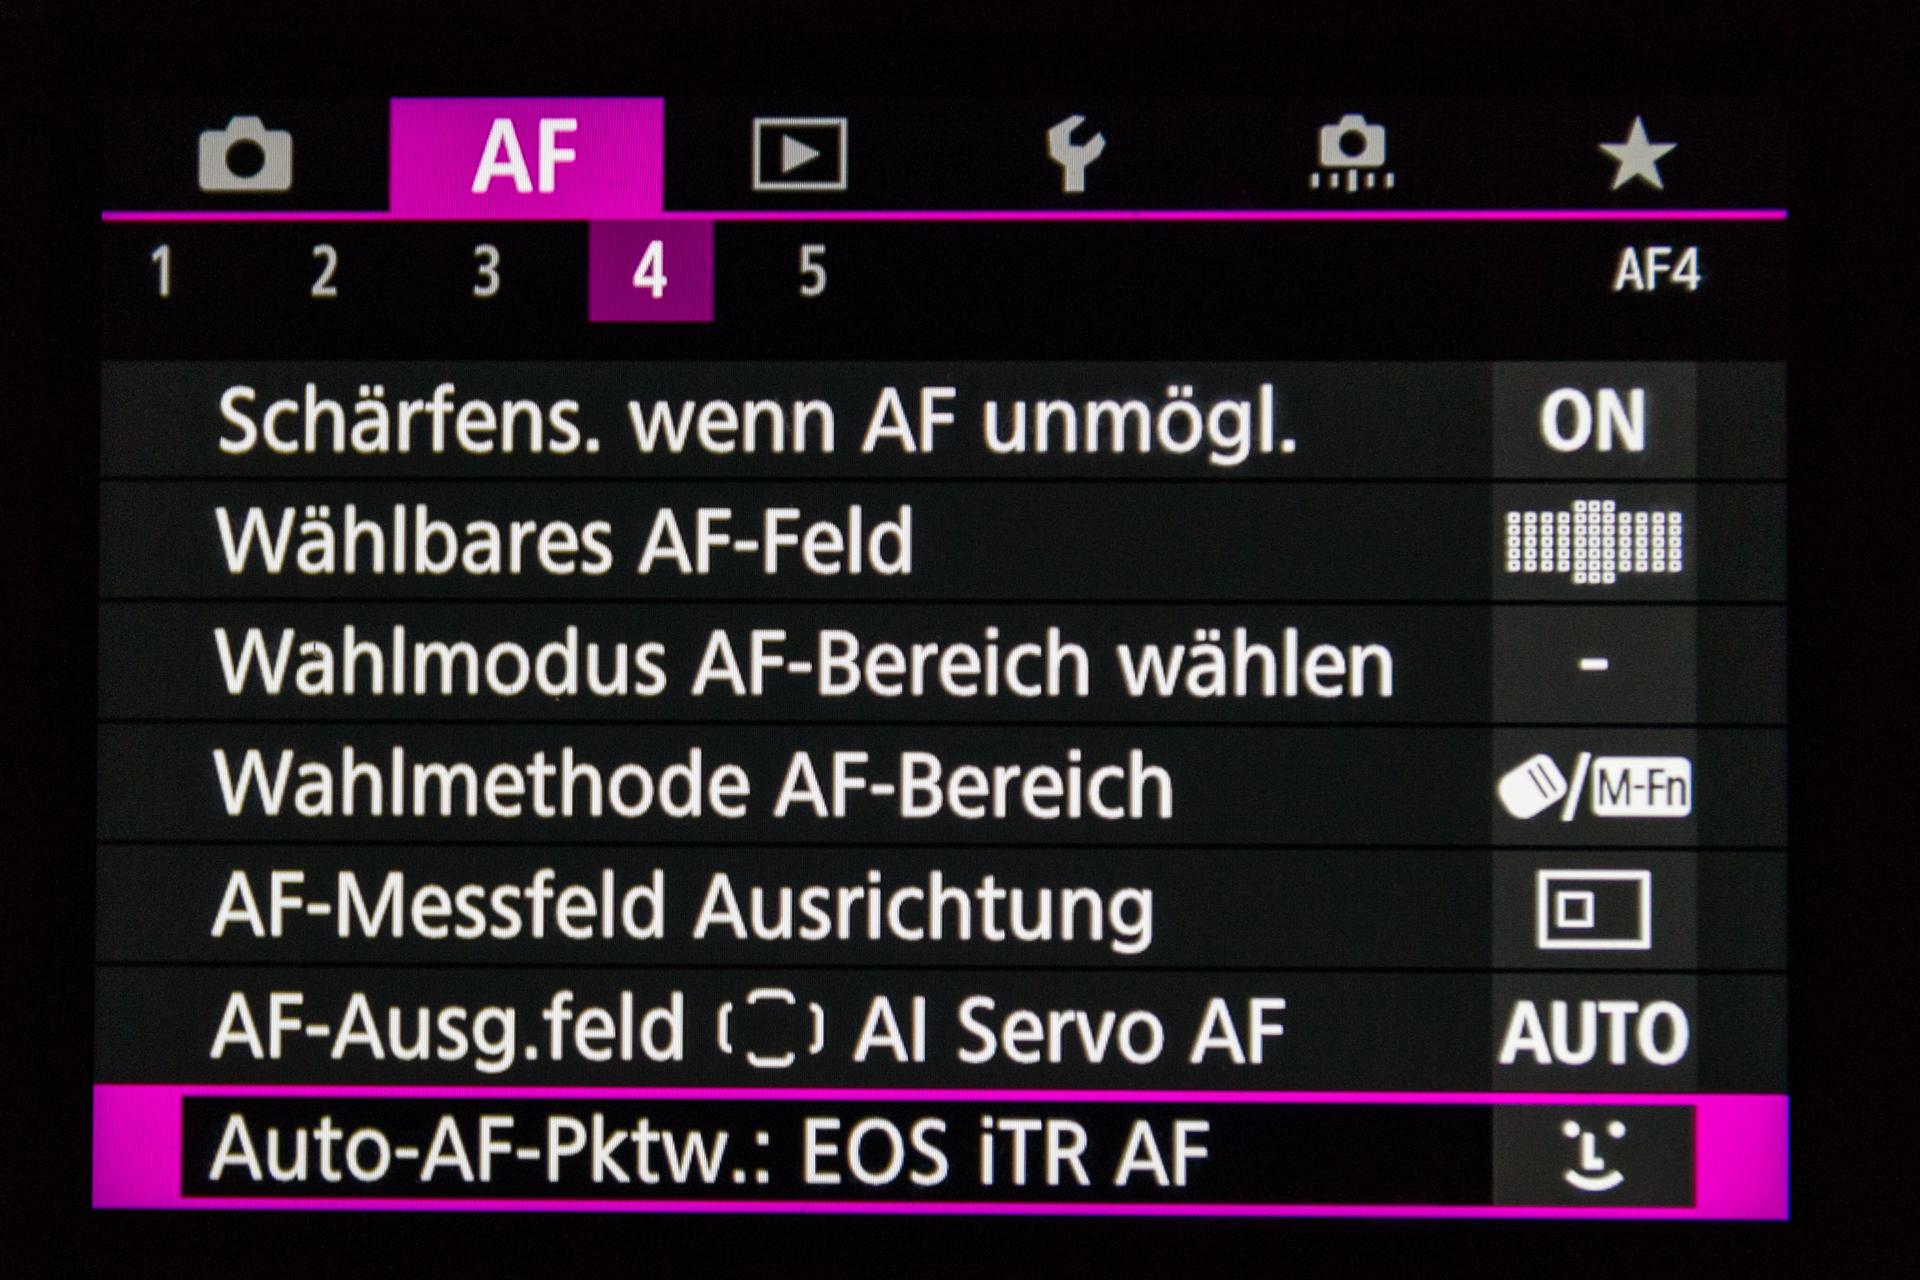 Hier ein weiteres Untermenue des AF meiner neuen Canon EOS 5D Mark IV